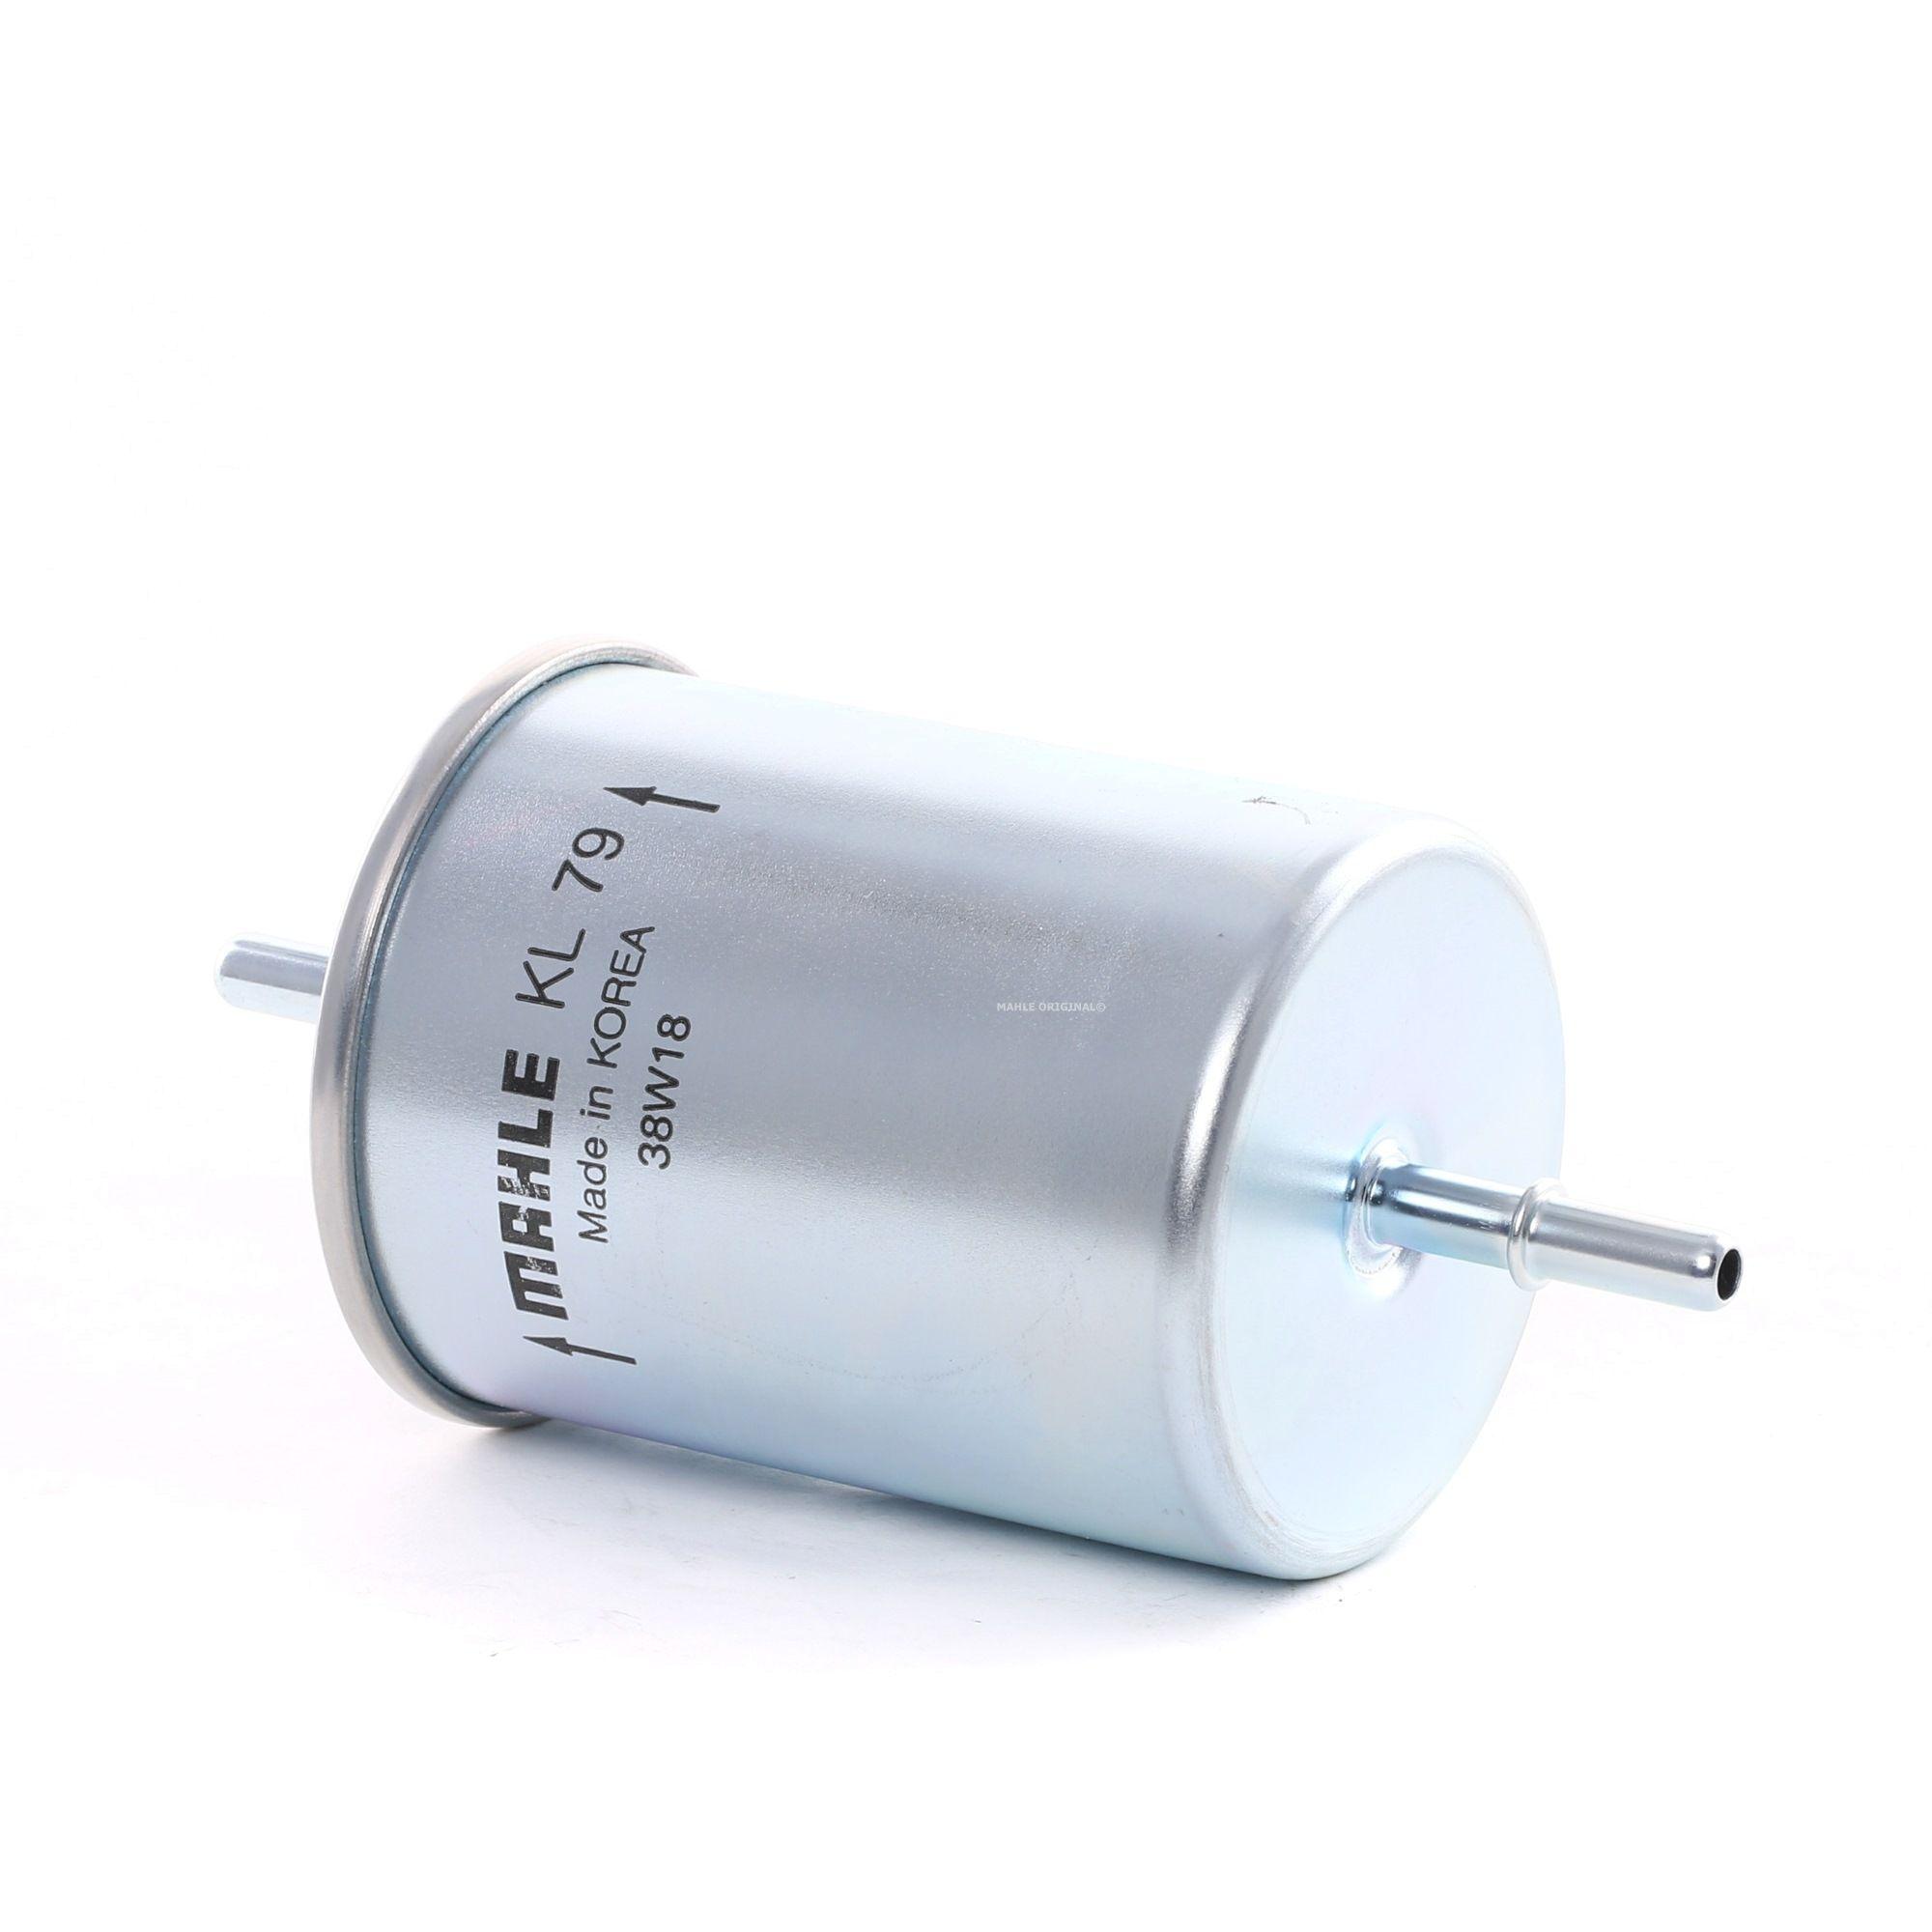 Palivový filtr KL 79 s vynikajícím poměrem mezi cenou a MAHLE ORIGINAL kvalitou